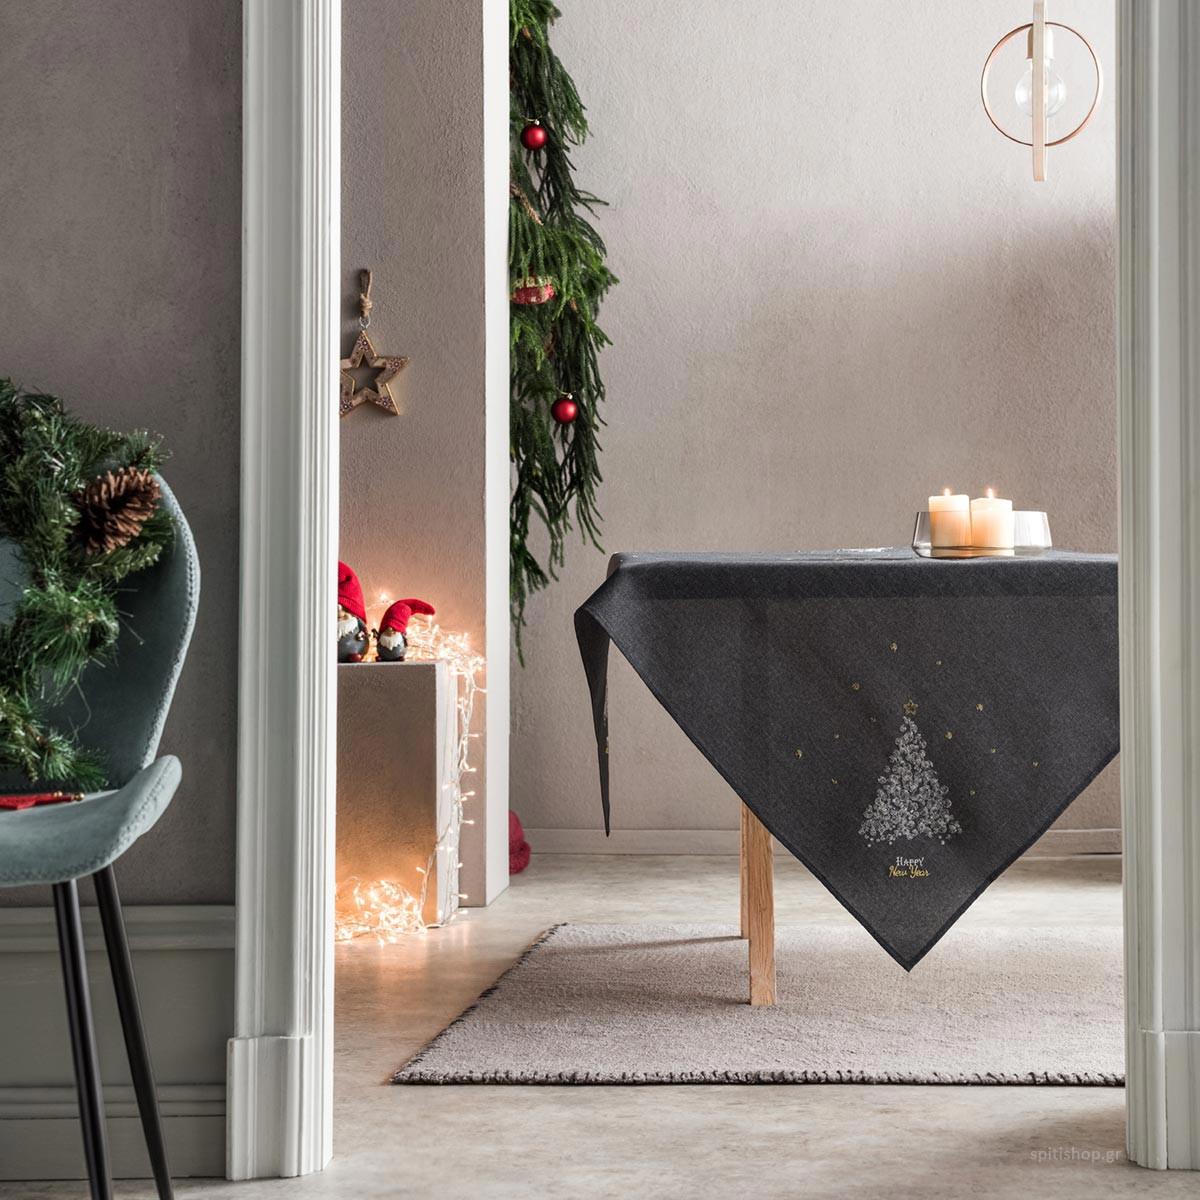 Χριστουγεννιάτικο Τραπεζομάντηλο (135×135) Gofis Home 977/15